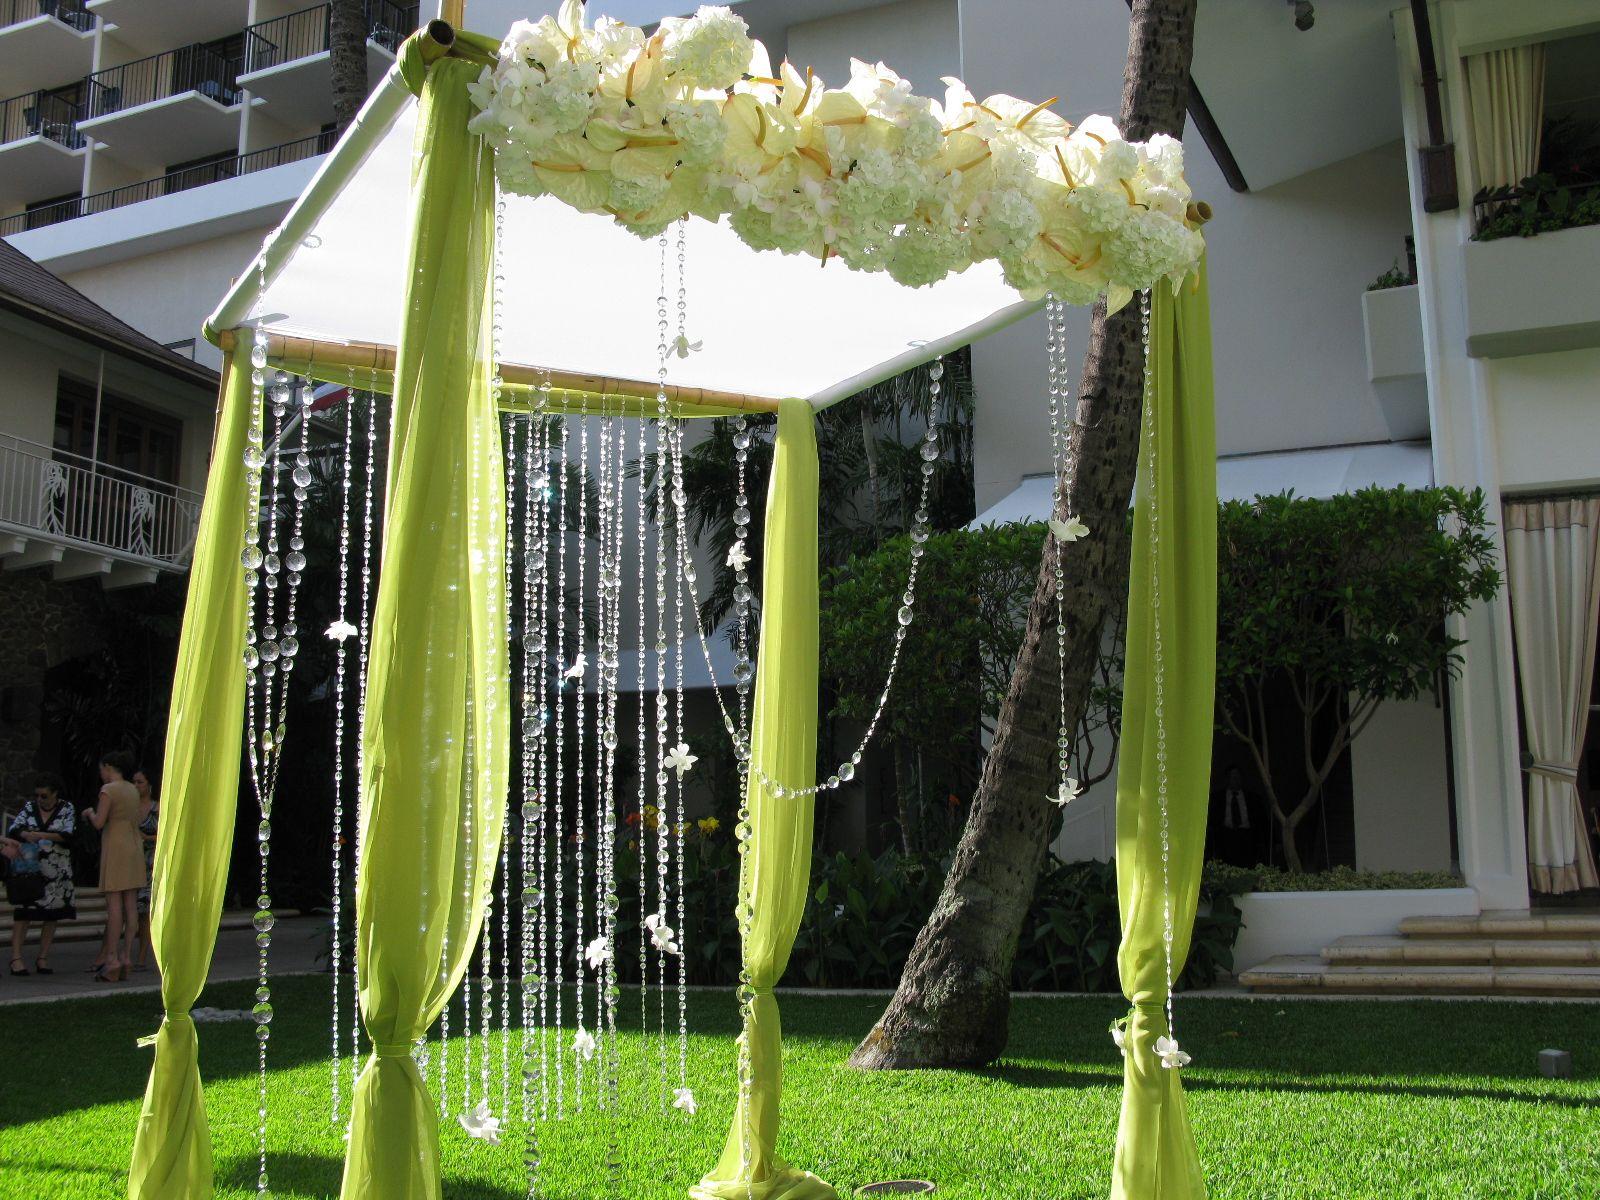 Trellis Outdoor Wedding Ceremonies: Bamboo Worktops Photos: Bamboo Wedding Arbor